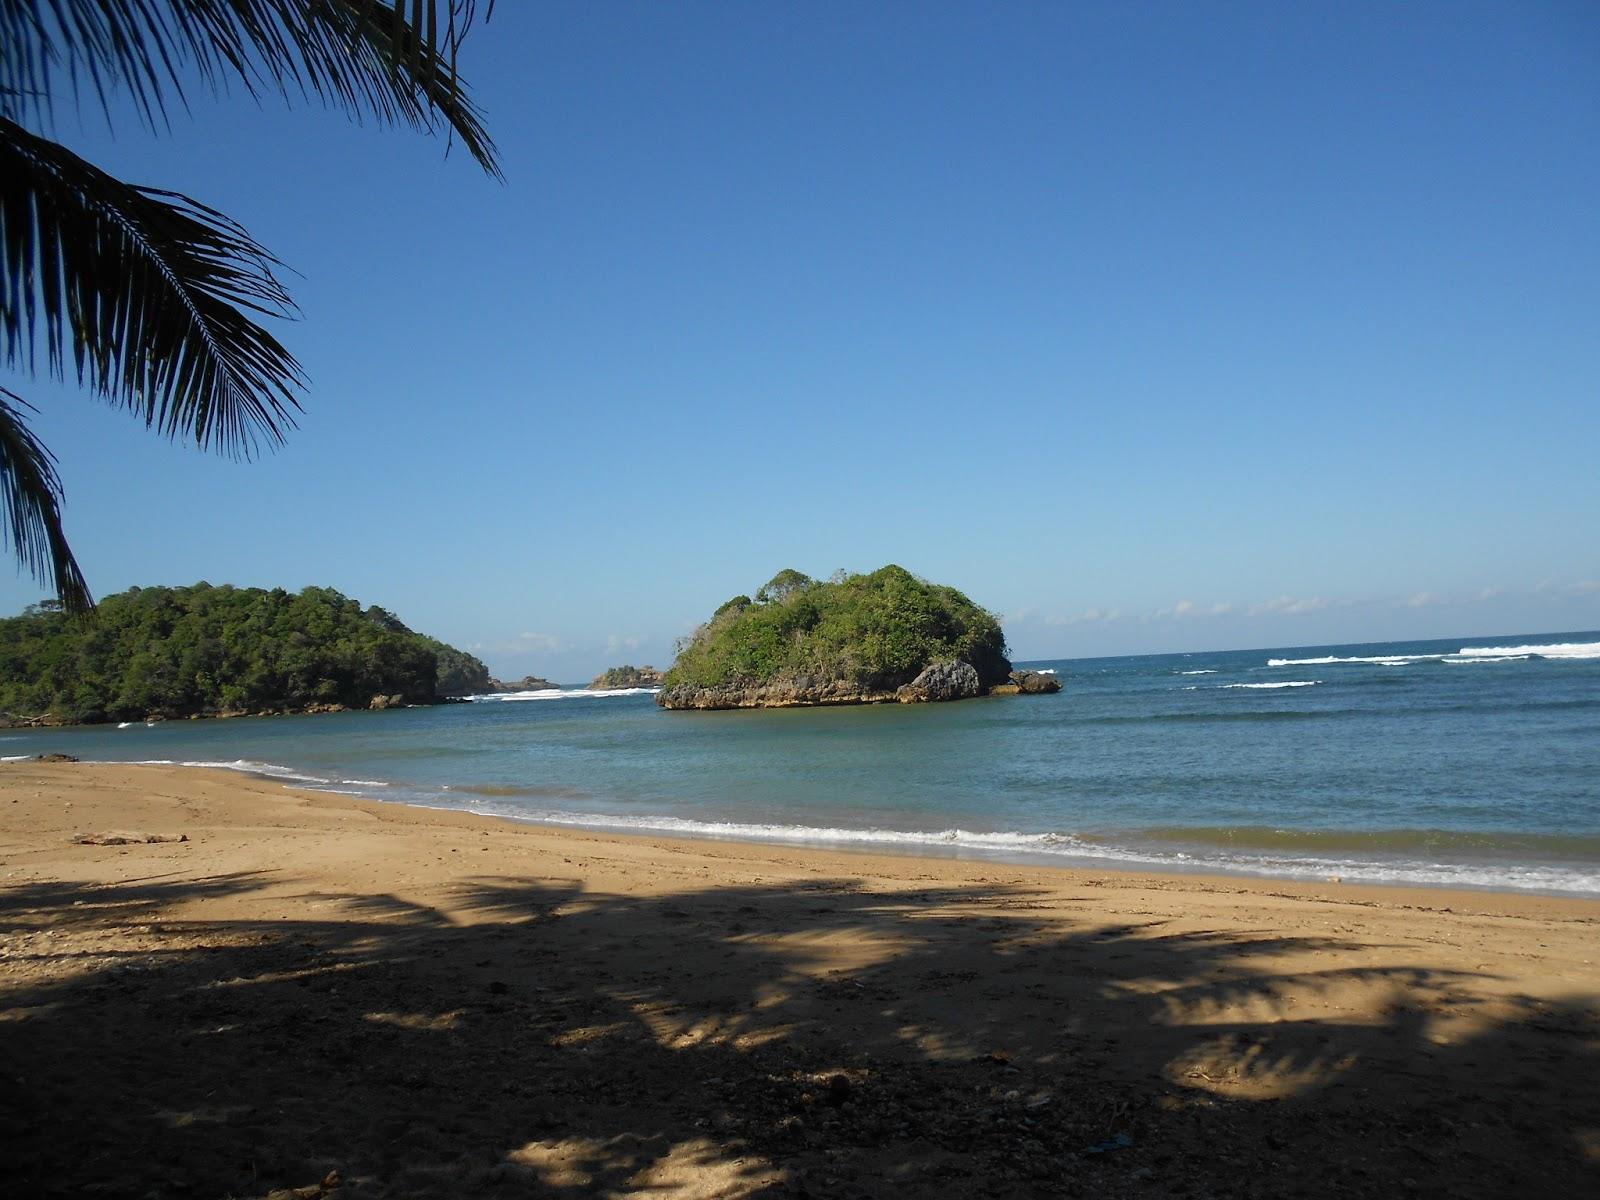 Wisata Pantai Malang Episode Kondang Merak Hotel Dekat Blog Ub